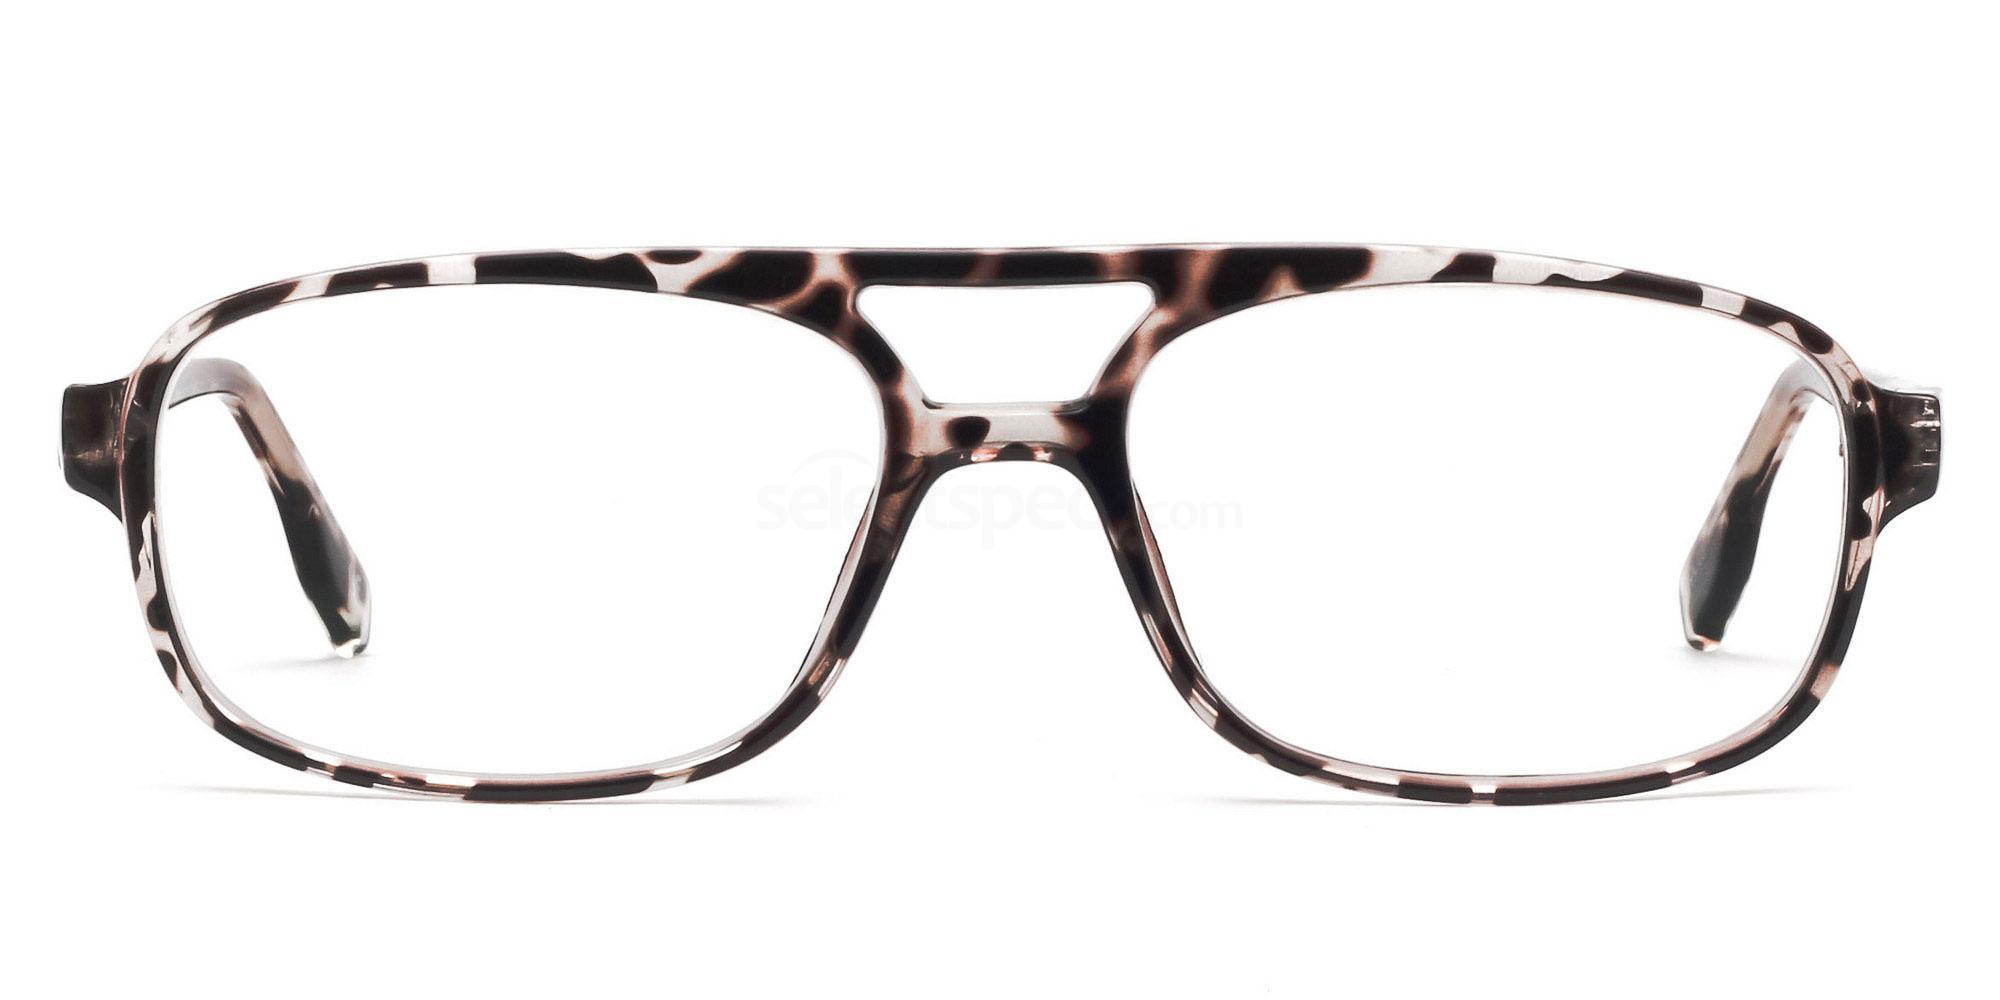 C3 P2395 - Animal Print Glasses, Savannah